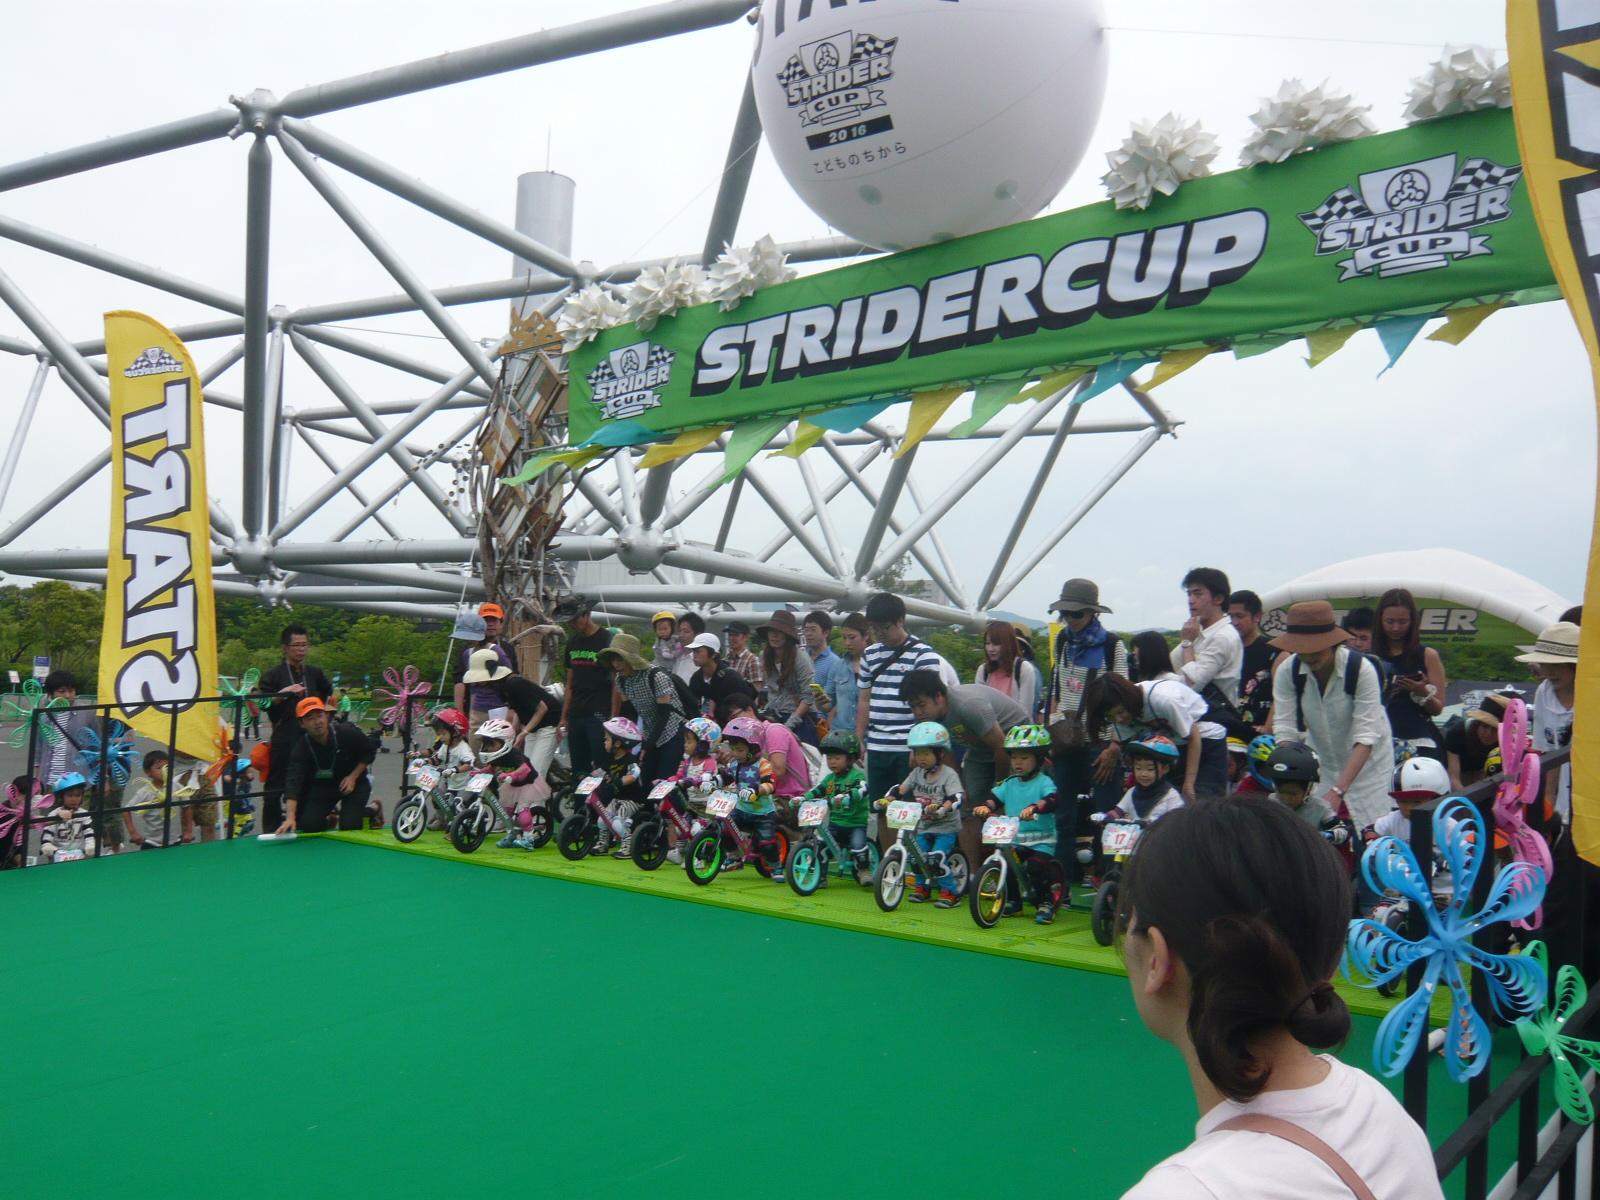 ストライダーカップ2017大阪ラウンドに協賛出展します